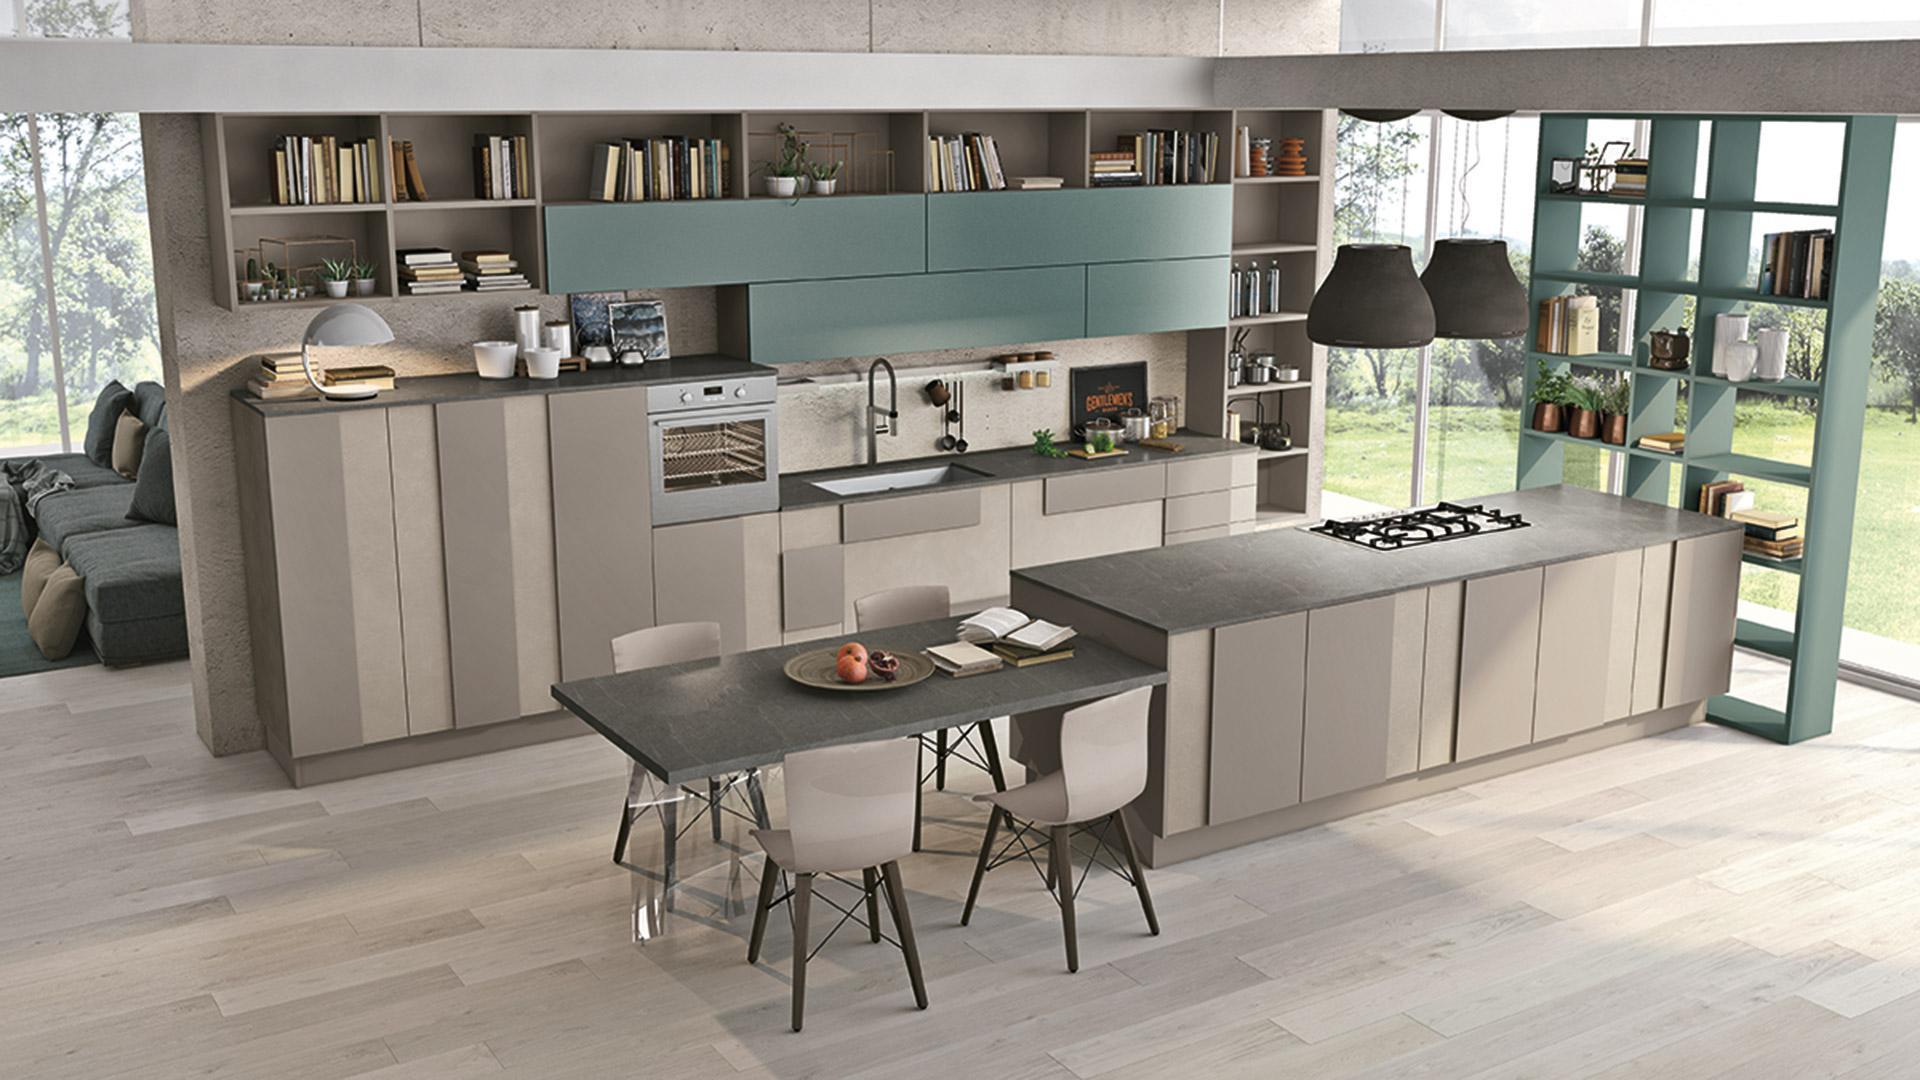 Cucine Lube Modell Creativa, Küchenfronten in Melamine matt Seide mit positanogrünen Akzenten.